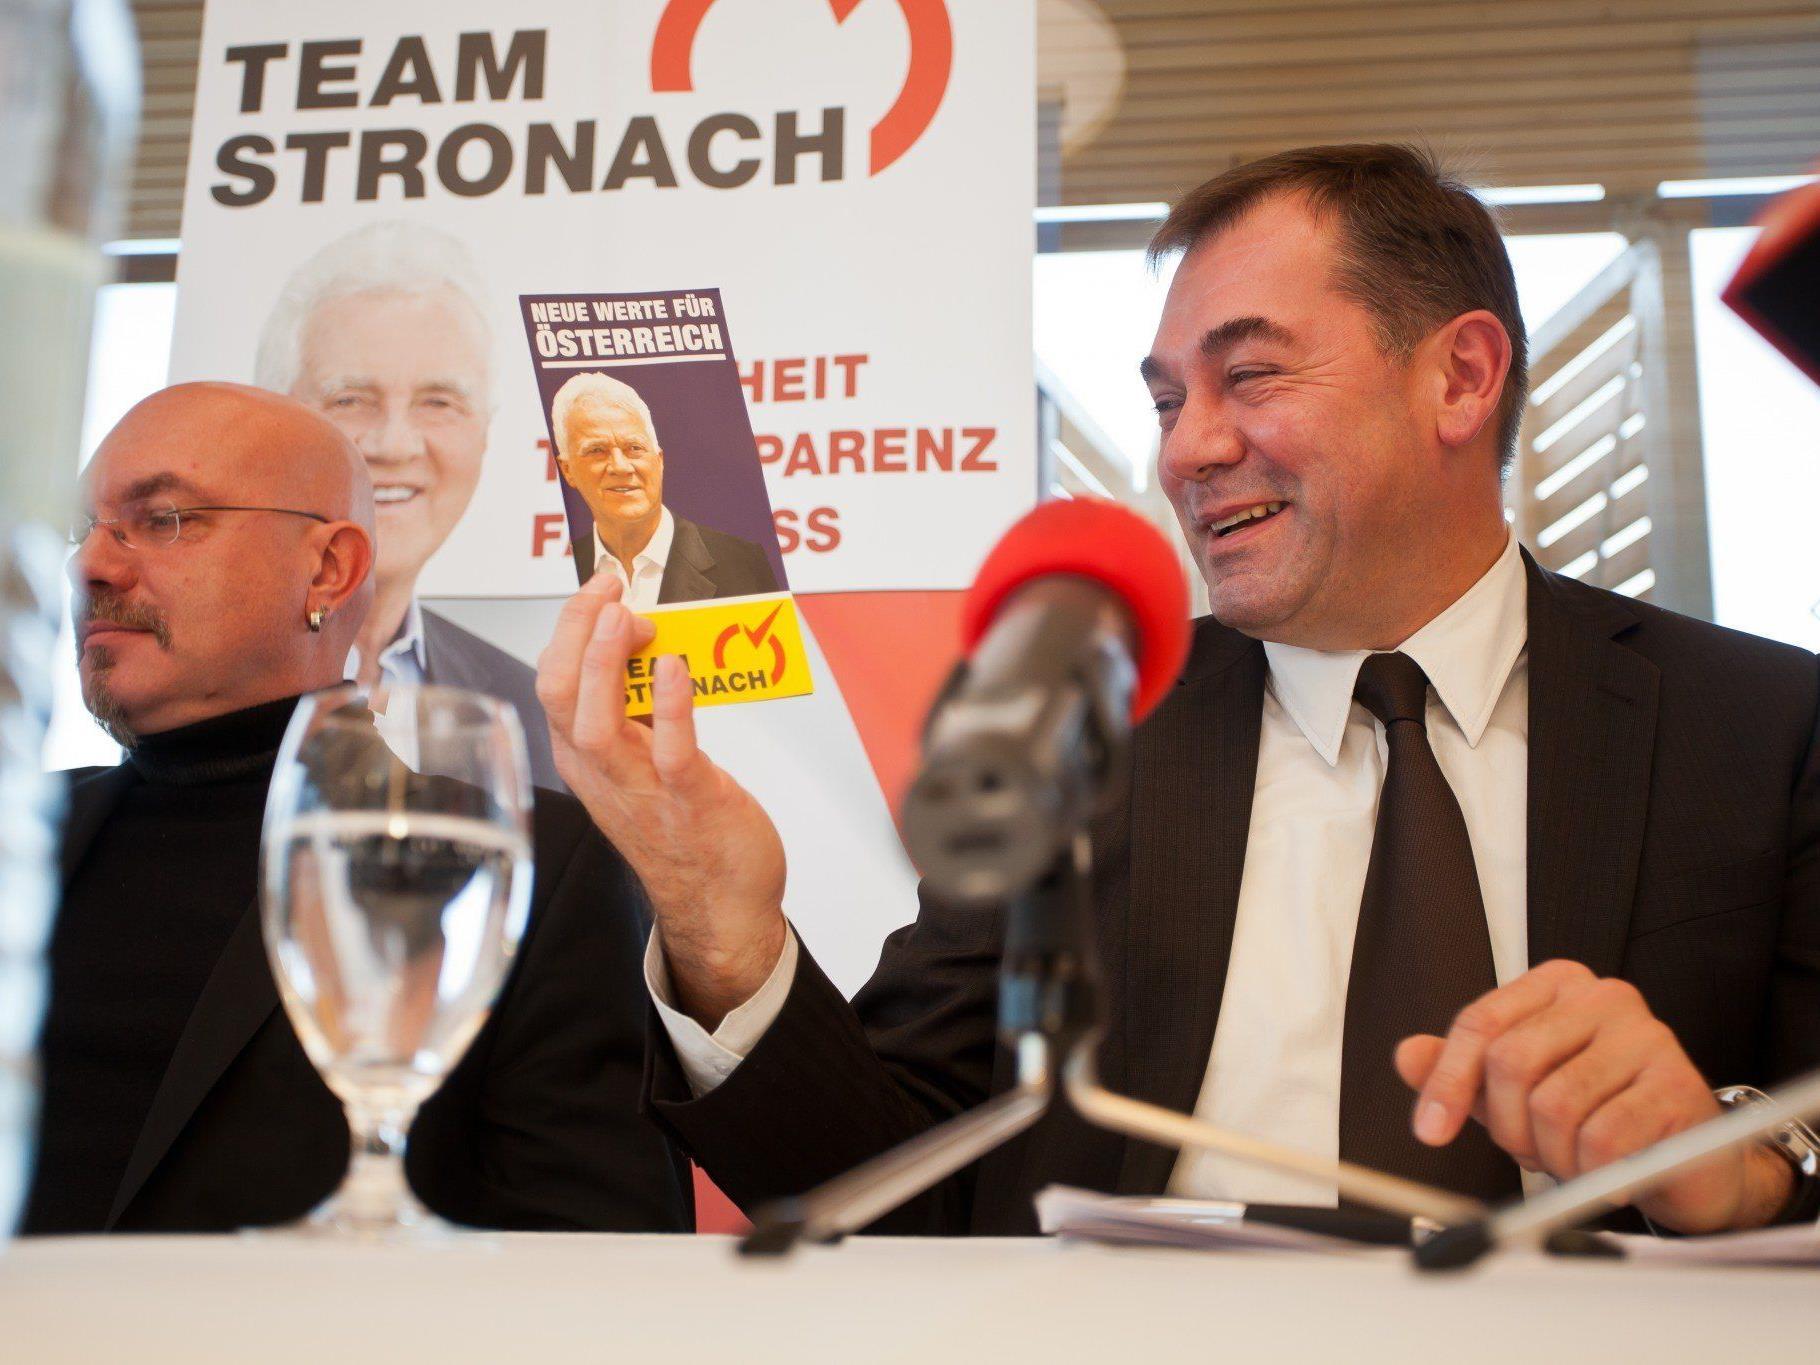 Antreten bei Landtagswahl 2014 nicht ausgeschlossen - Geld für Landesgruppe soll weiter fließen.